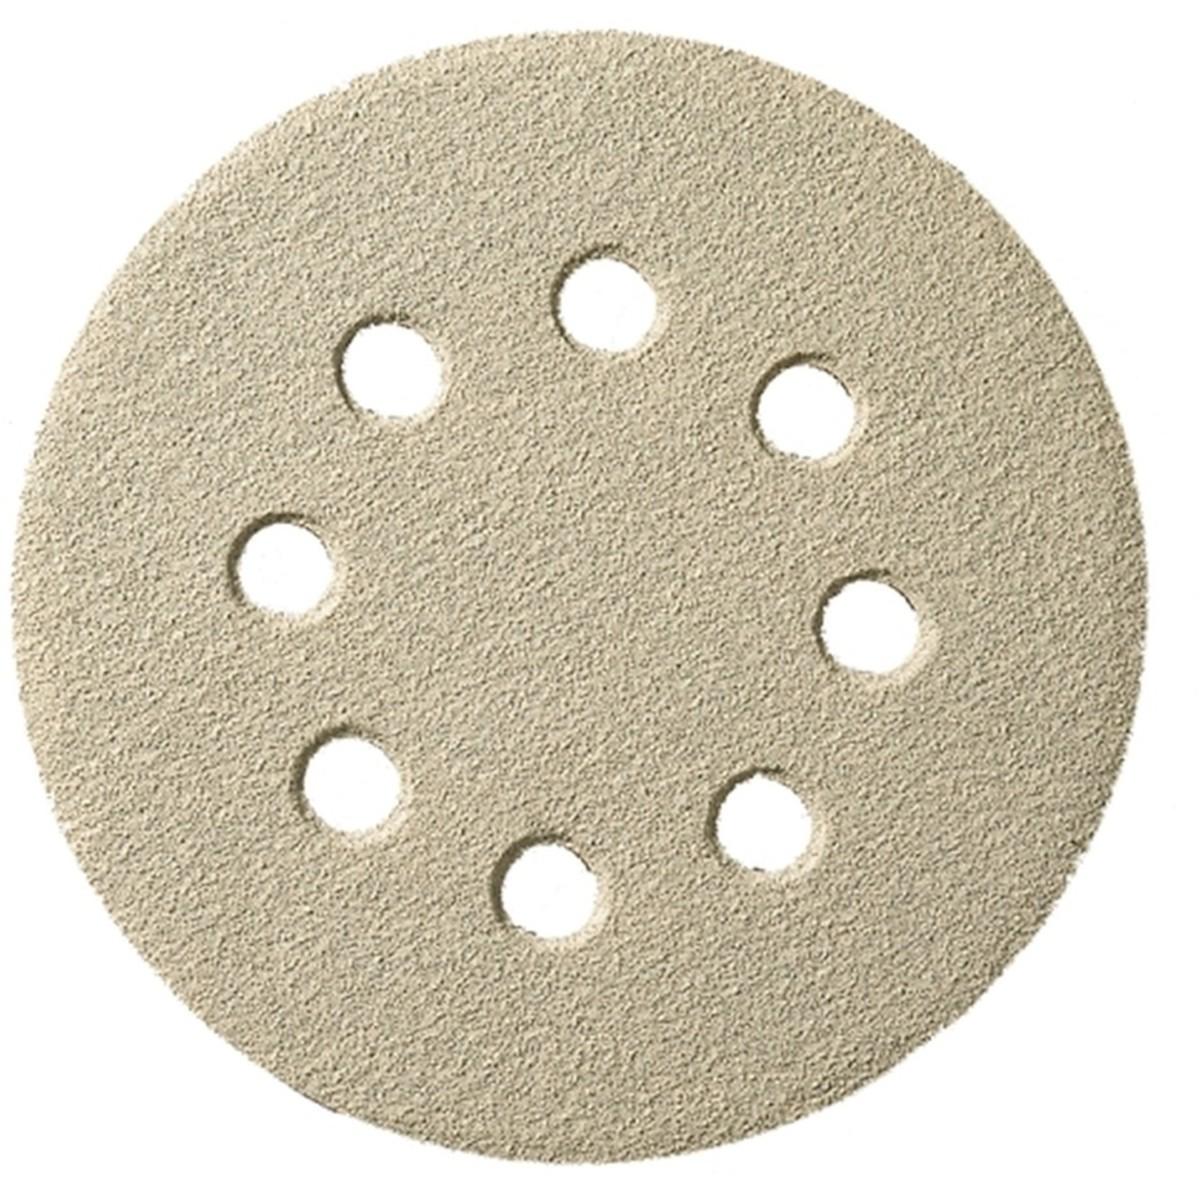 Шлифовальный круг самозацепляемый Klingspor PS 33 BK 125 мм P180 8 отверстий 147837 100 шт